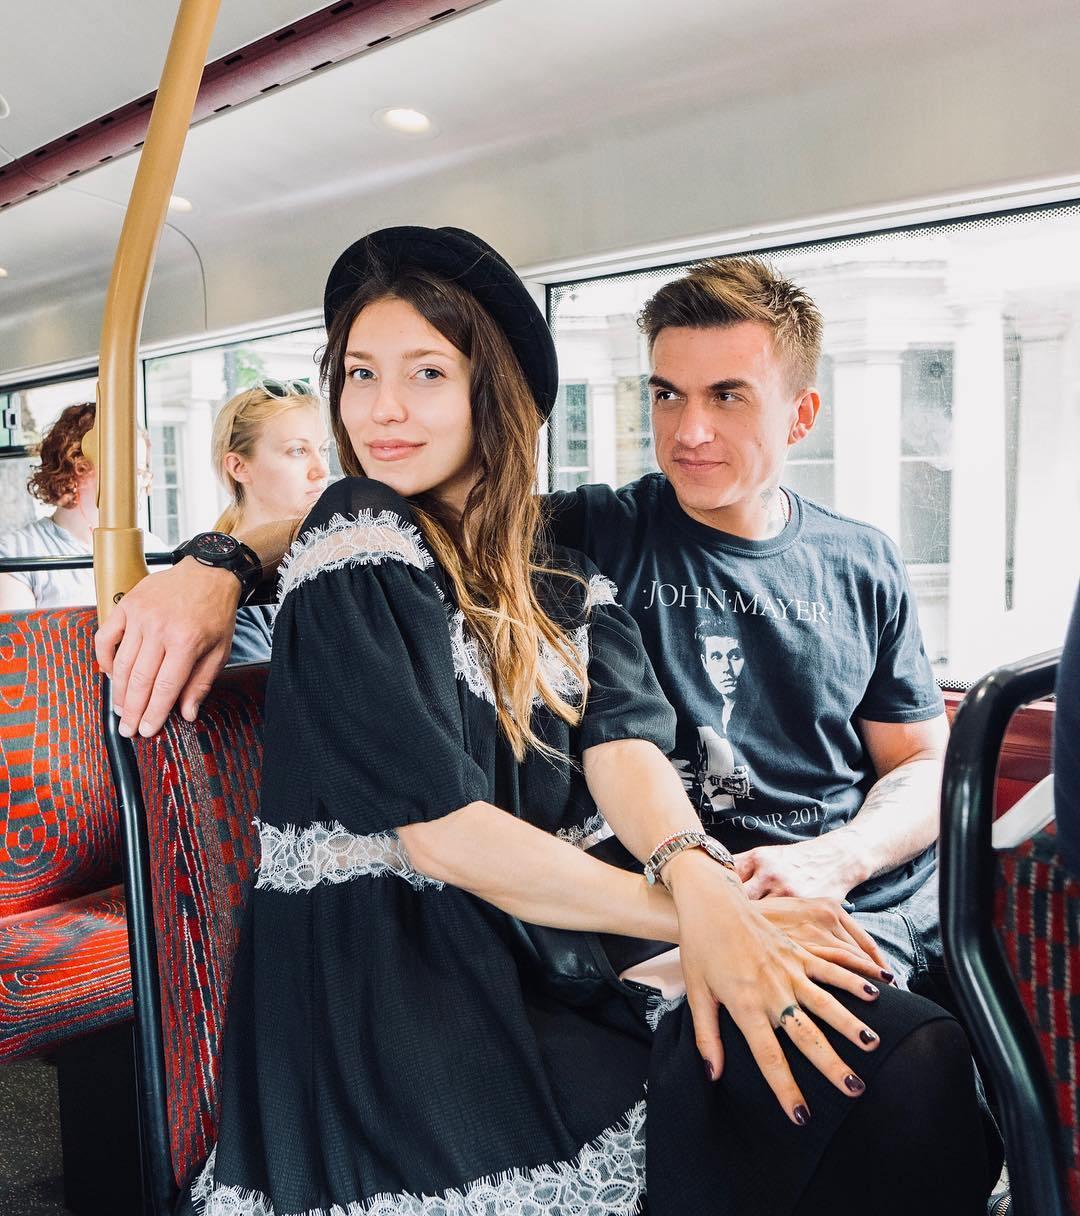 Тодоренко впервые вышла в свет с Топаловым и с трудом скрывала беременность — фото